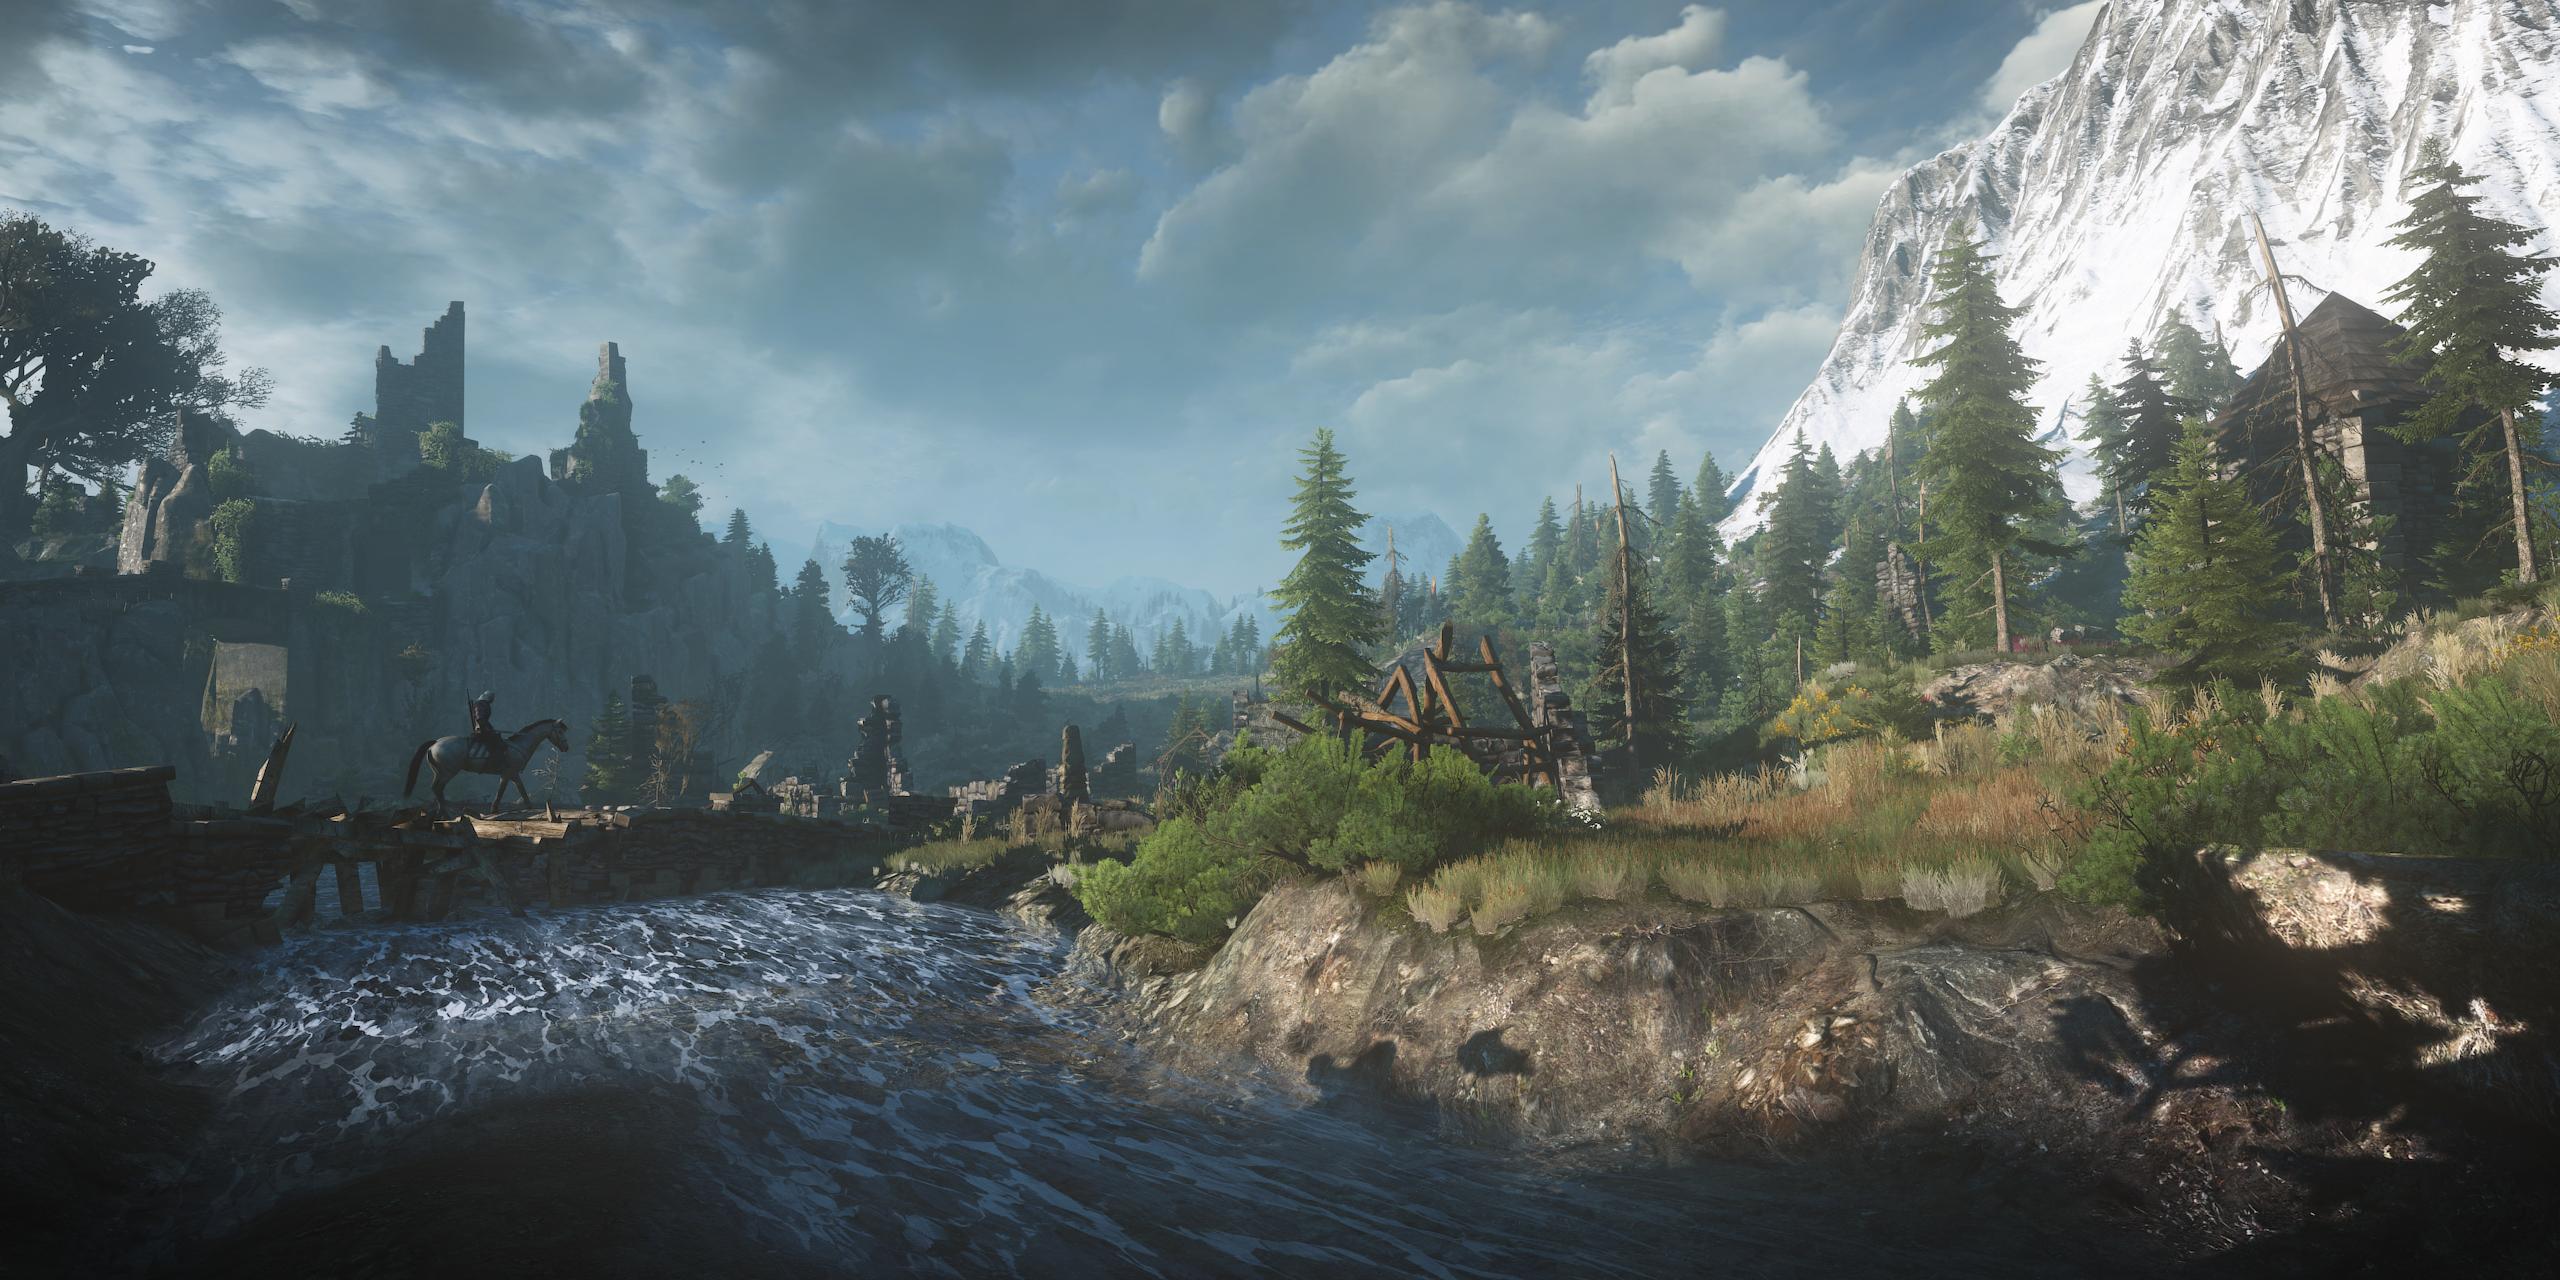 wildworldalt.png - Witcher 3: Wild Hunt, the